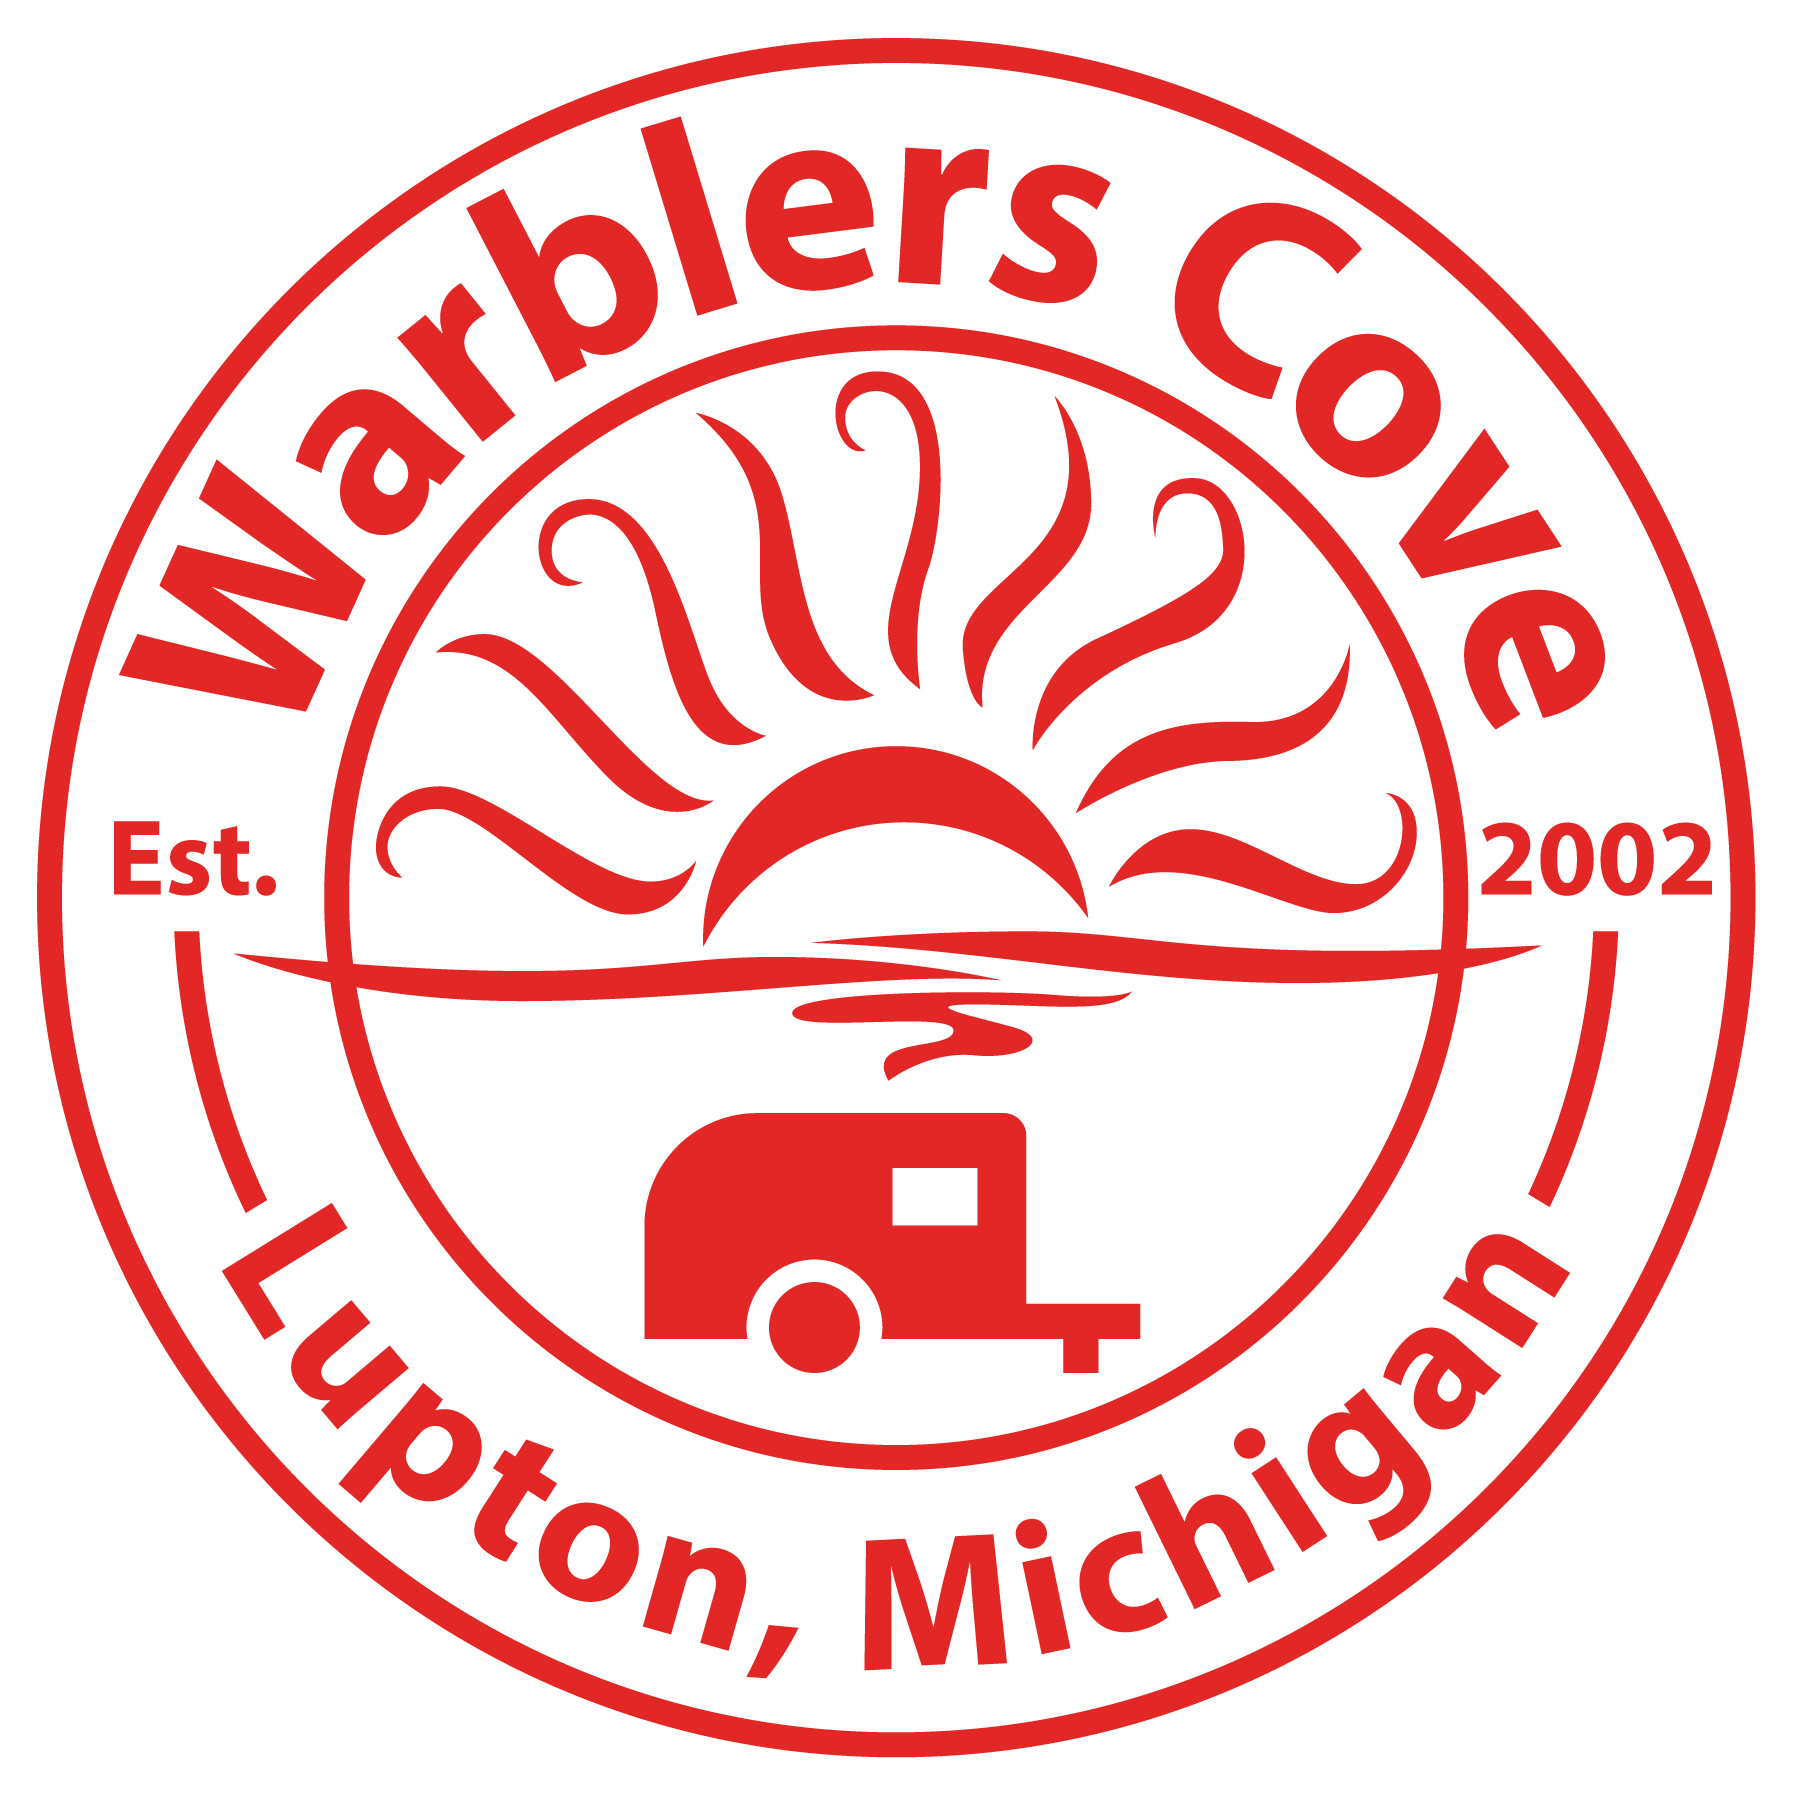 Warbler-Cove-New-Logo.jpg